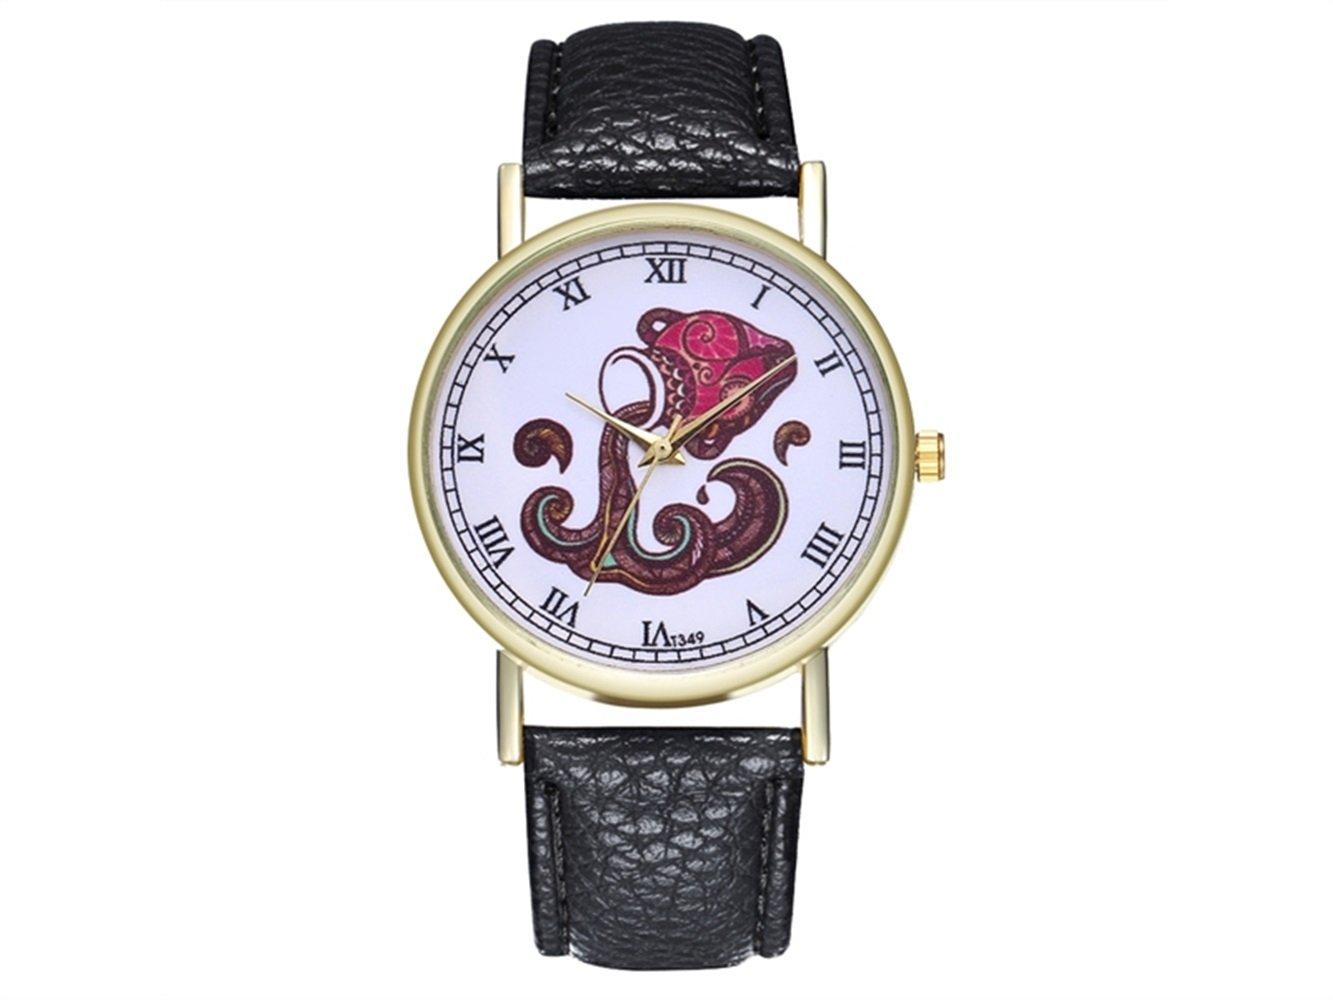 HOUHOUNNPO Reloj de Moda Acuario Zodiac Animal Cartel Cuero Reloj para Mujer Hombre Moda Reloj de Boda Regalo de Cumpleaños: Amazon.es: Deportes y aire ...